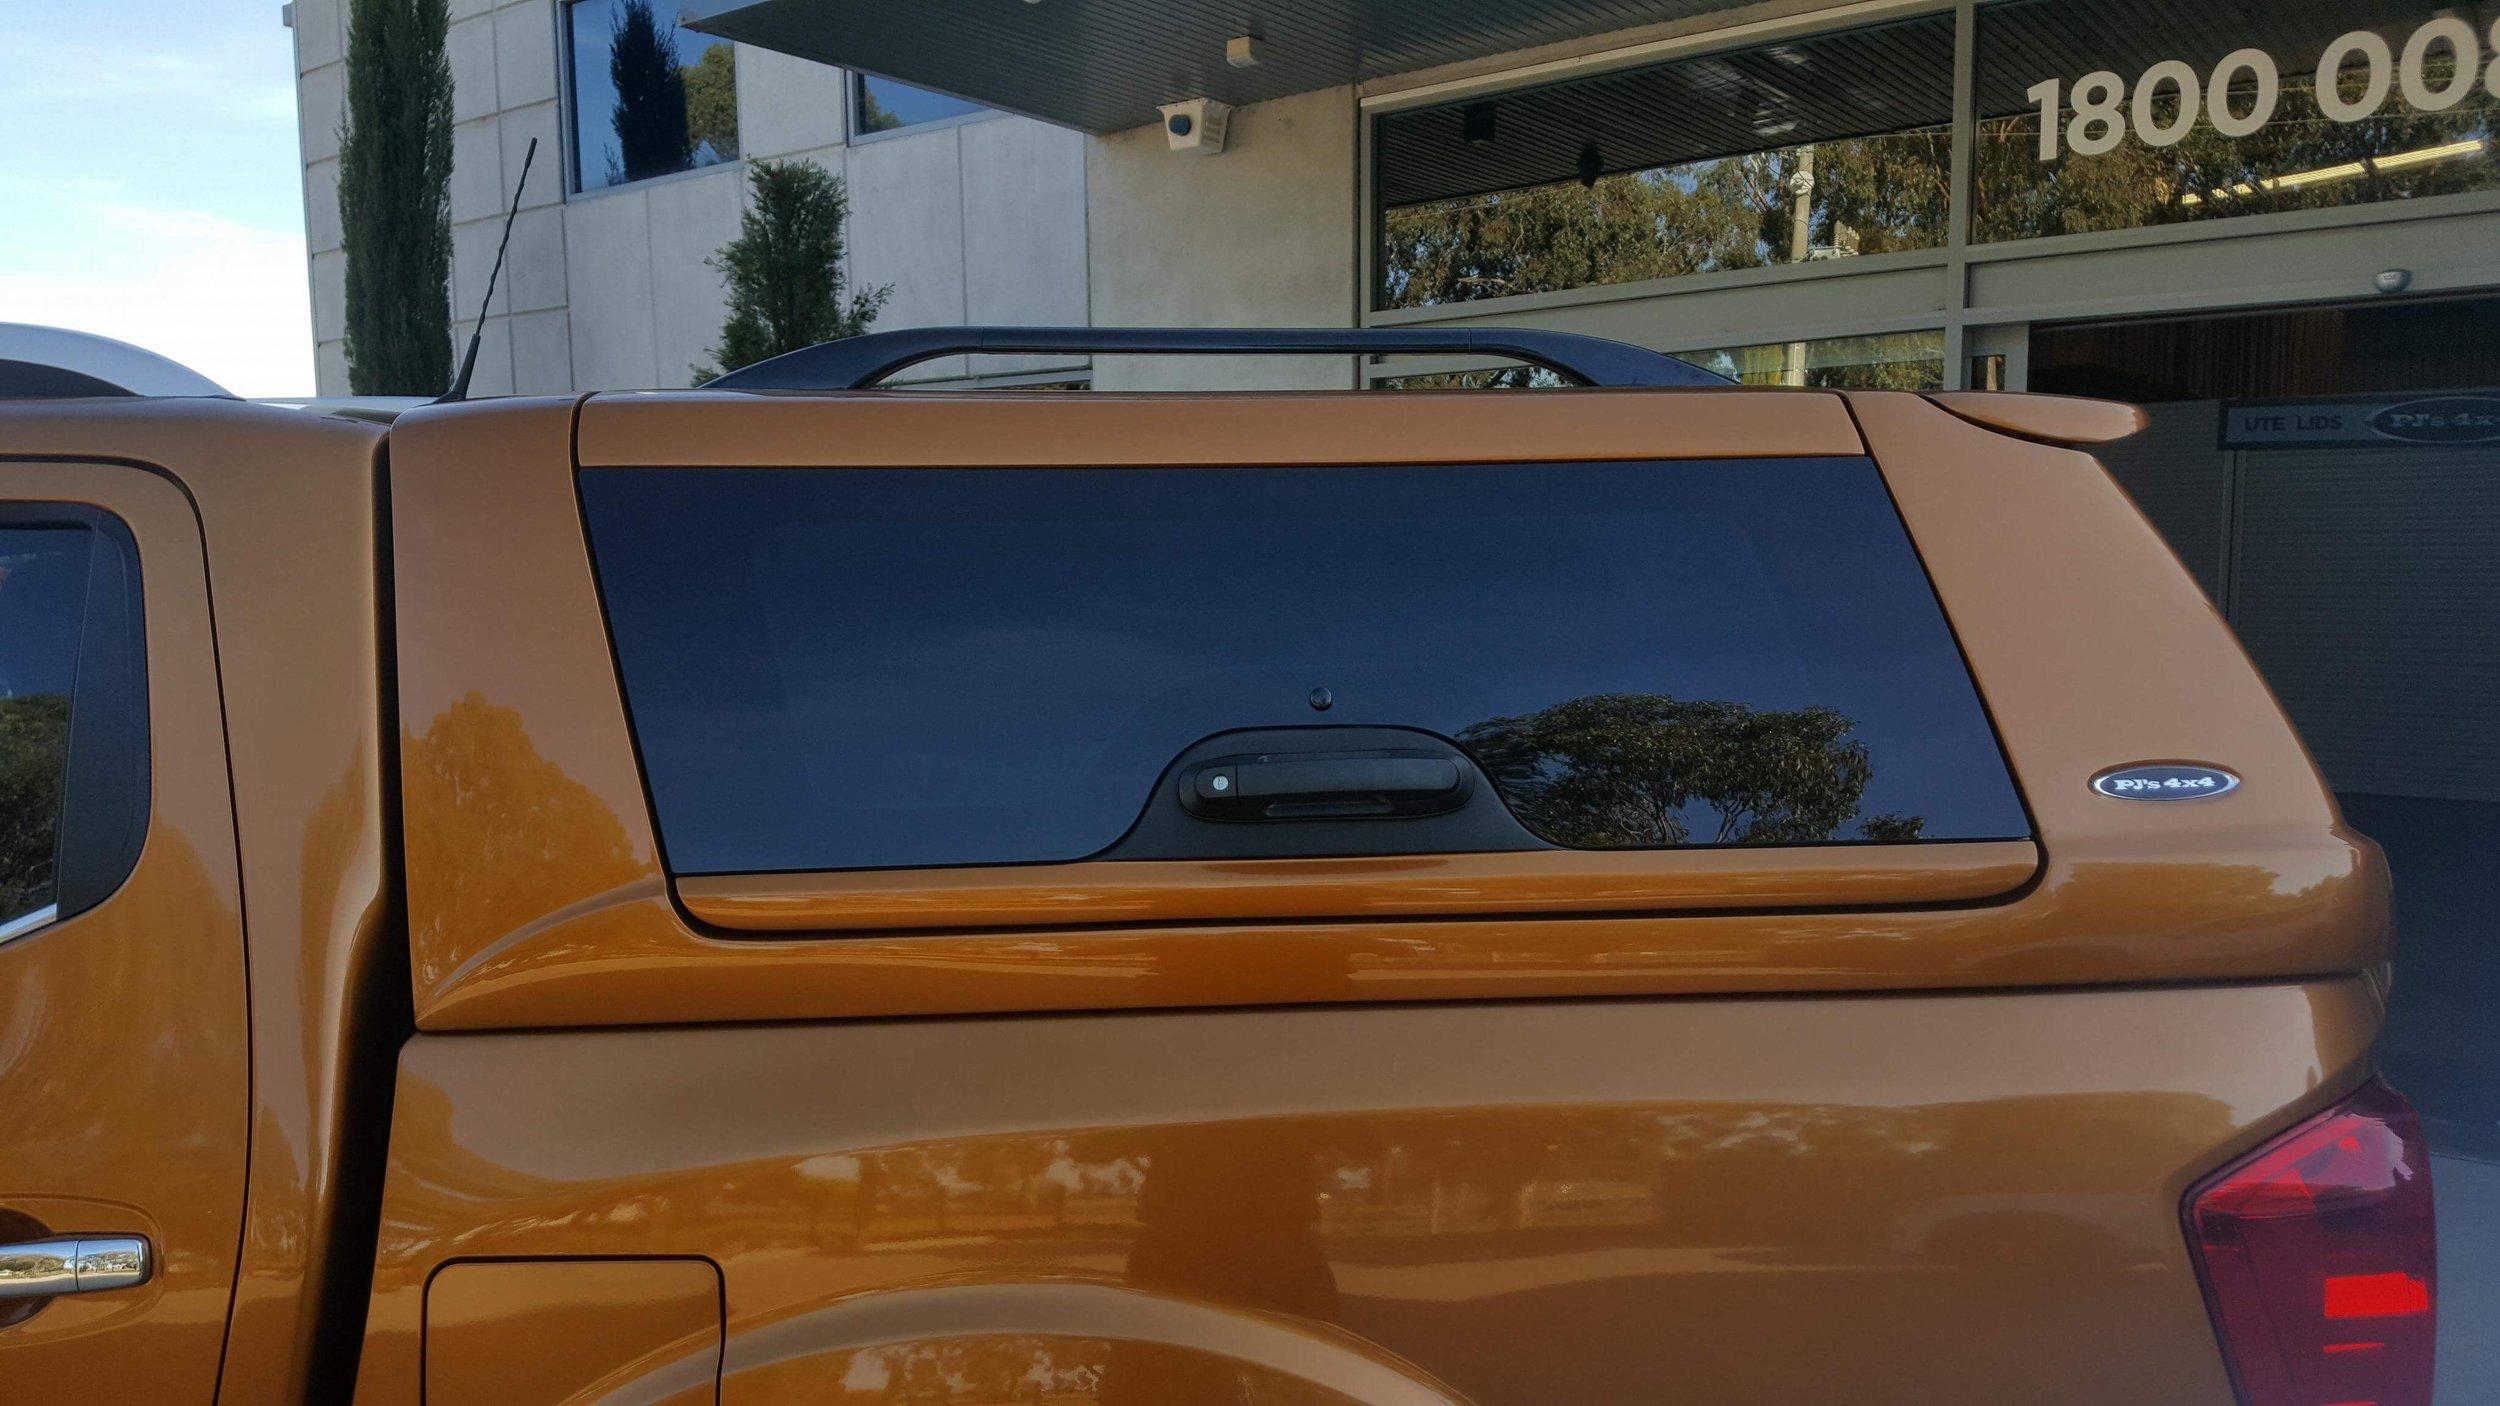 Nissan NP300 ELITE Canopy_Hornet Gold (3).JPG